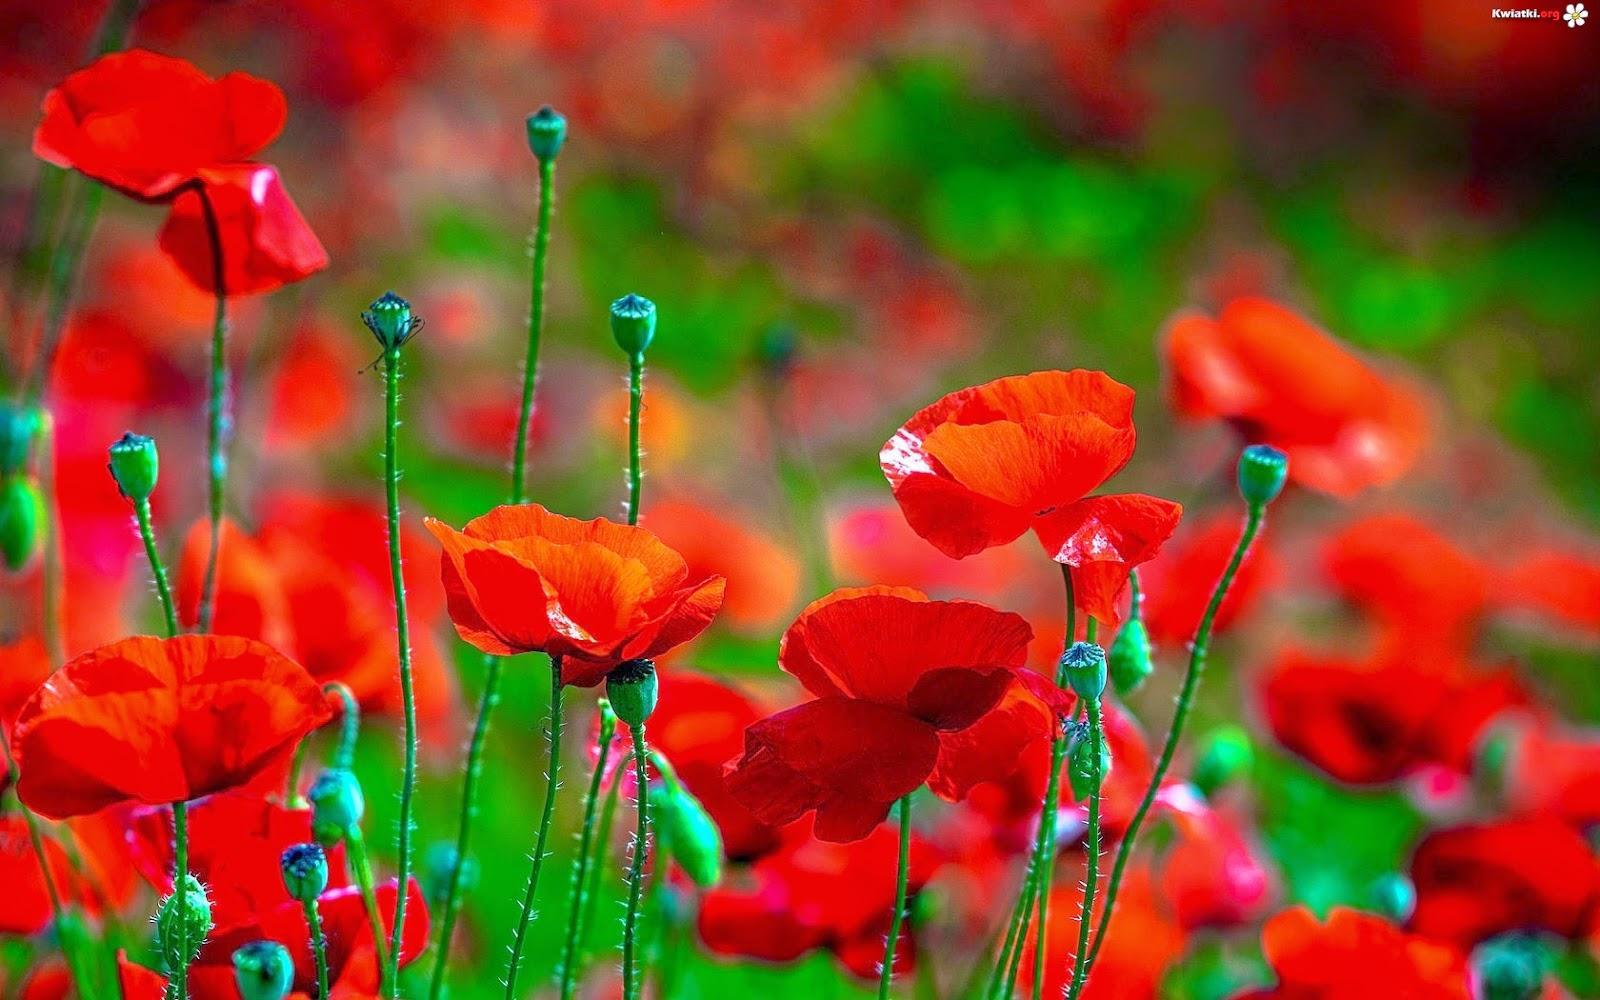 Loài hoa tượng trưng cho 12 cung hoàng đạo  (Vlog Chiêm Tinh)